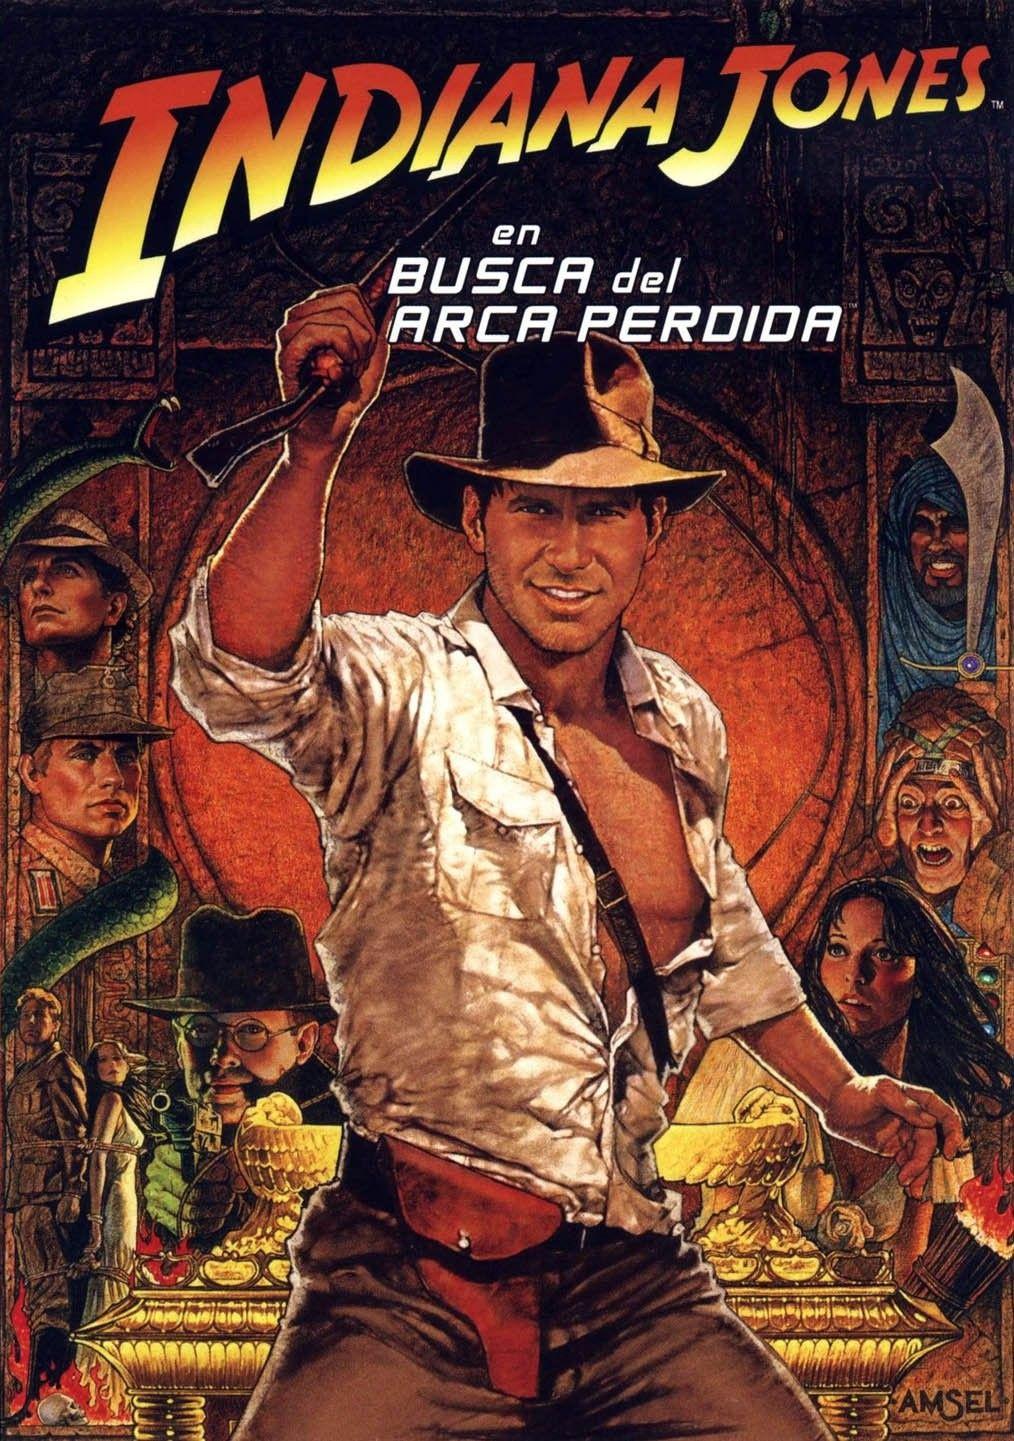 Ver Indiana Jones En Busca Del Arca Perdida Online Gratis 1981 Hd Película Completa Español Best Movie Posters Indiana Jones Great Movies